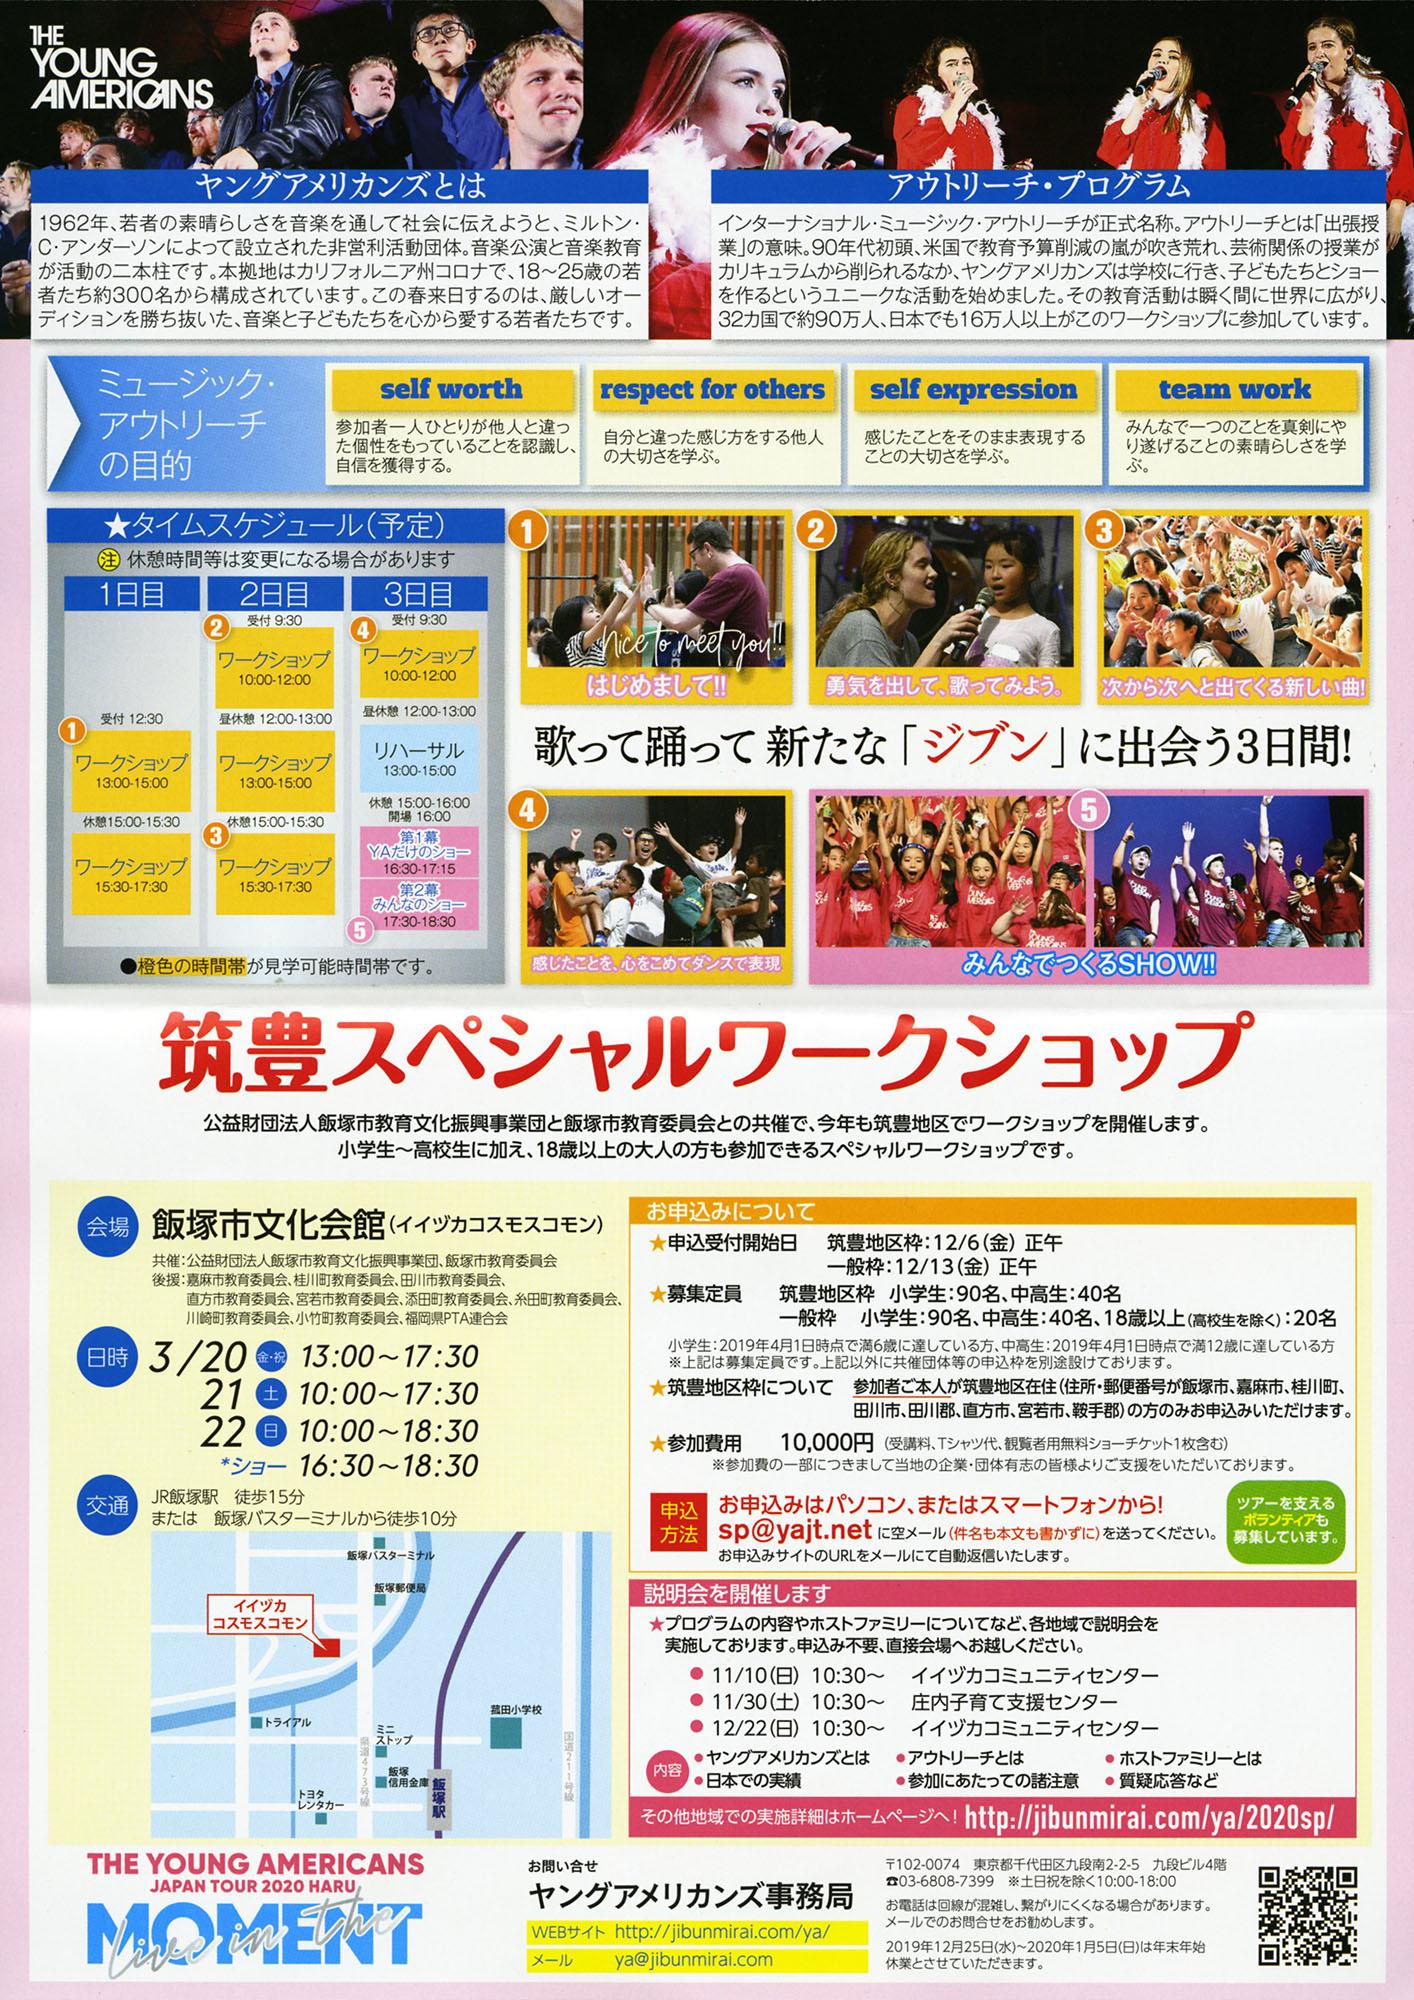 ヤングアメリカンズ ジャパンツアー 2020春 筑豊スペシャルワークショップ